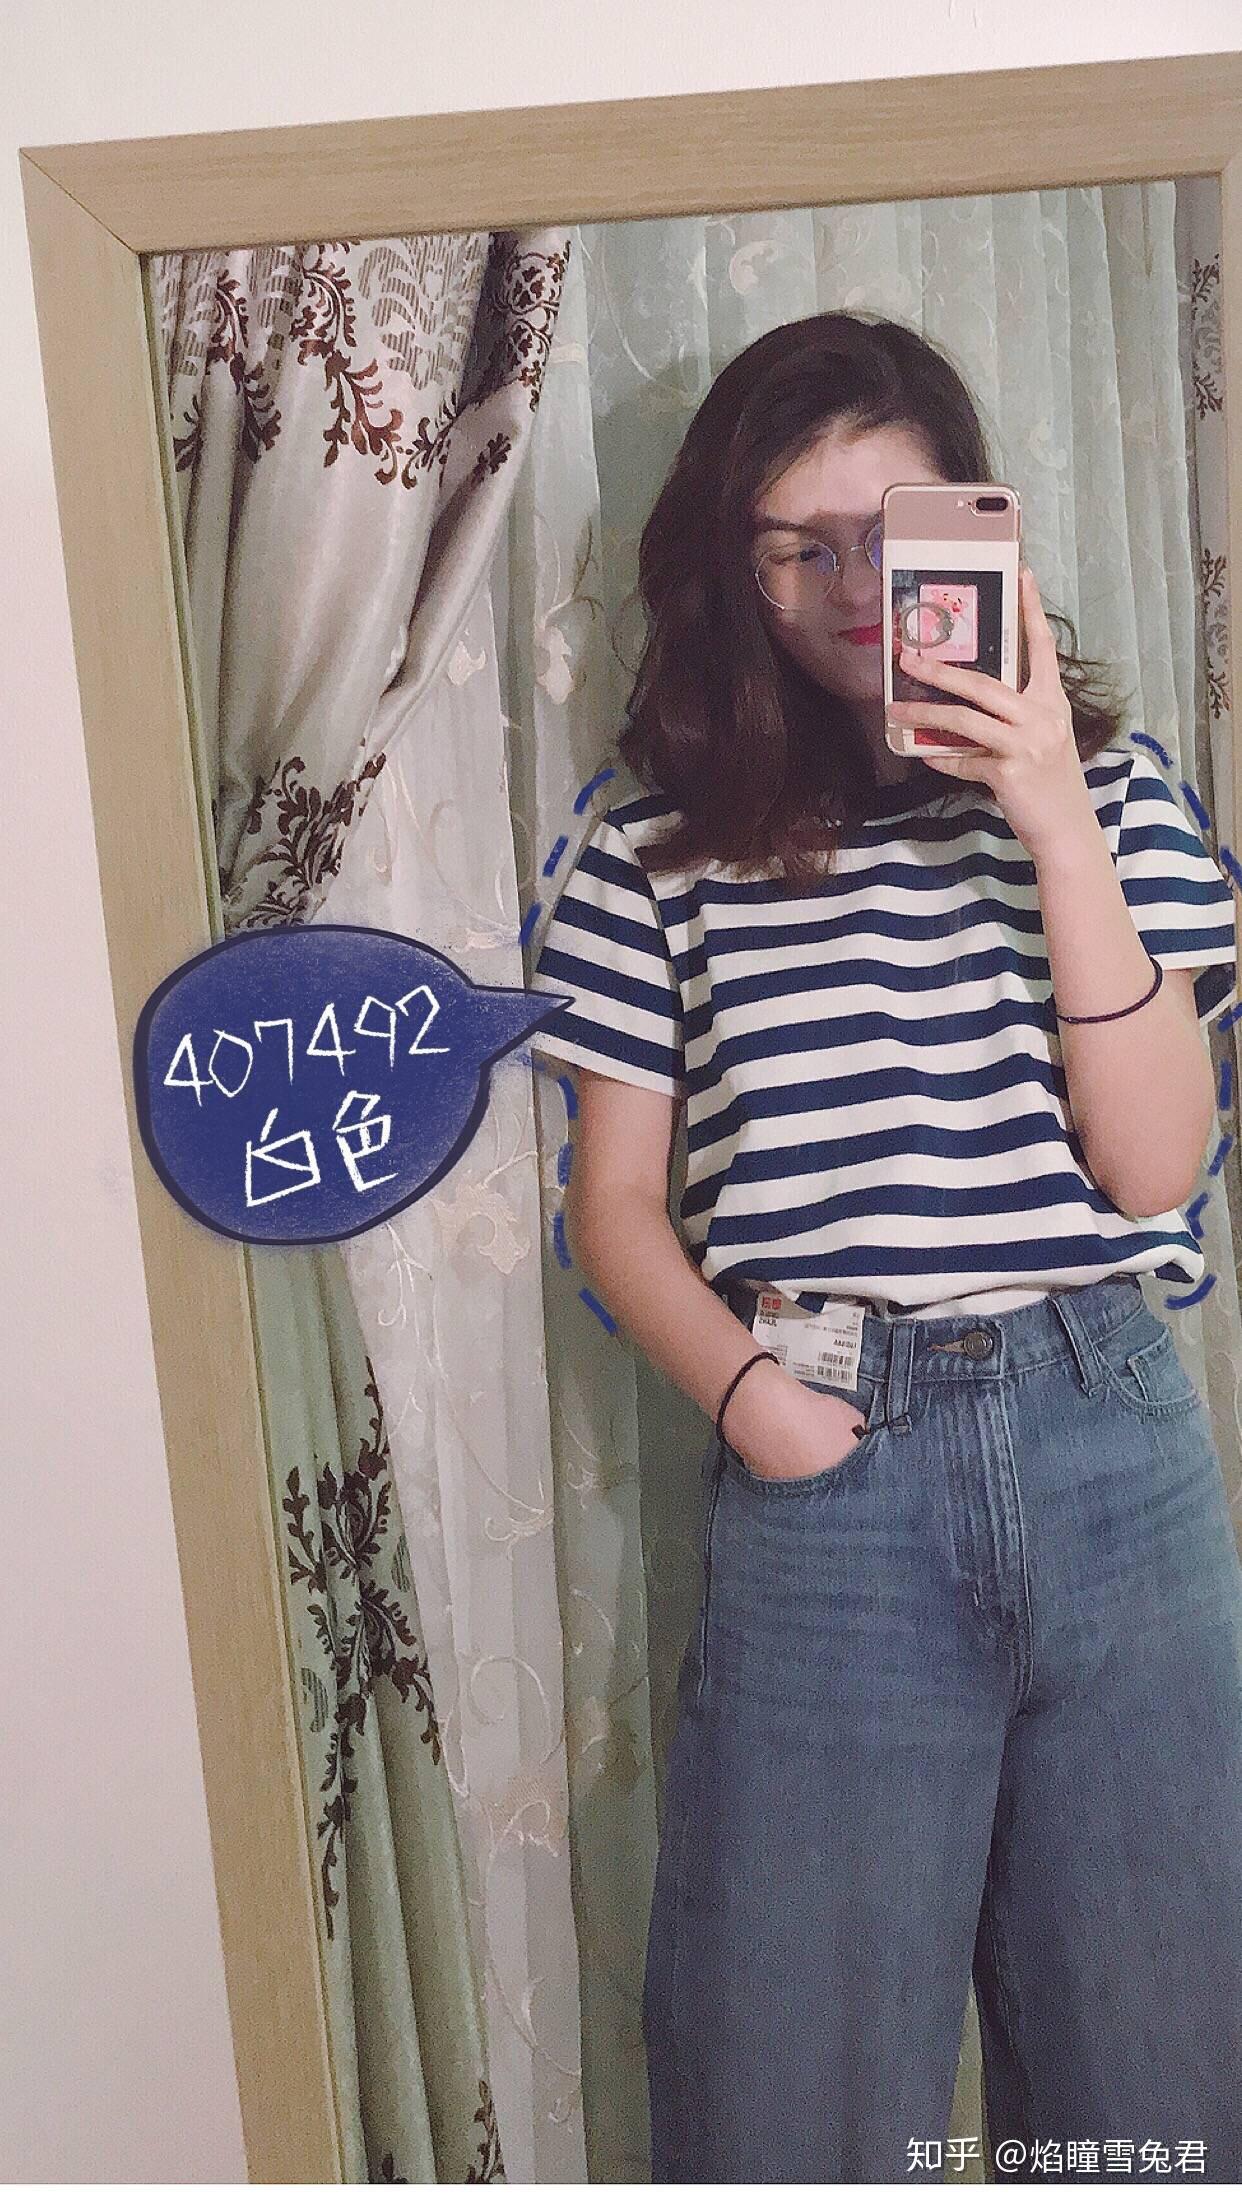 白色t恤配蓝色裤子_优衣库(UNIQLO)有哪些值得买的东西? - 知乎